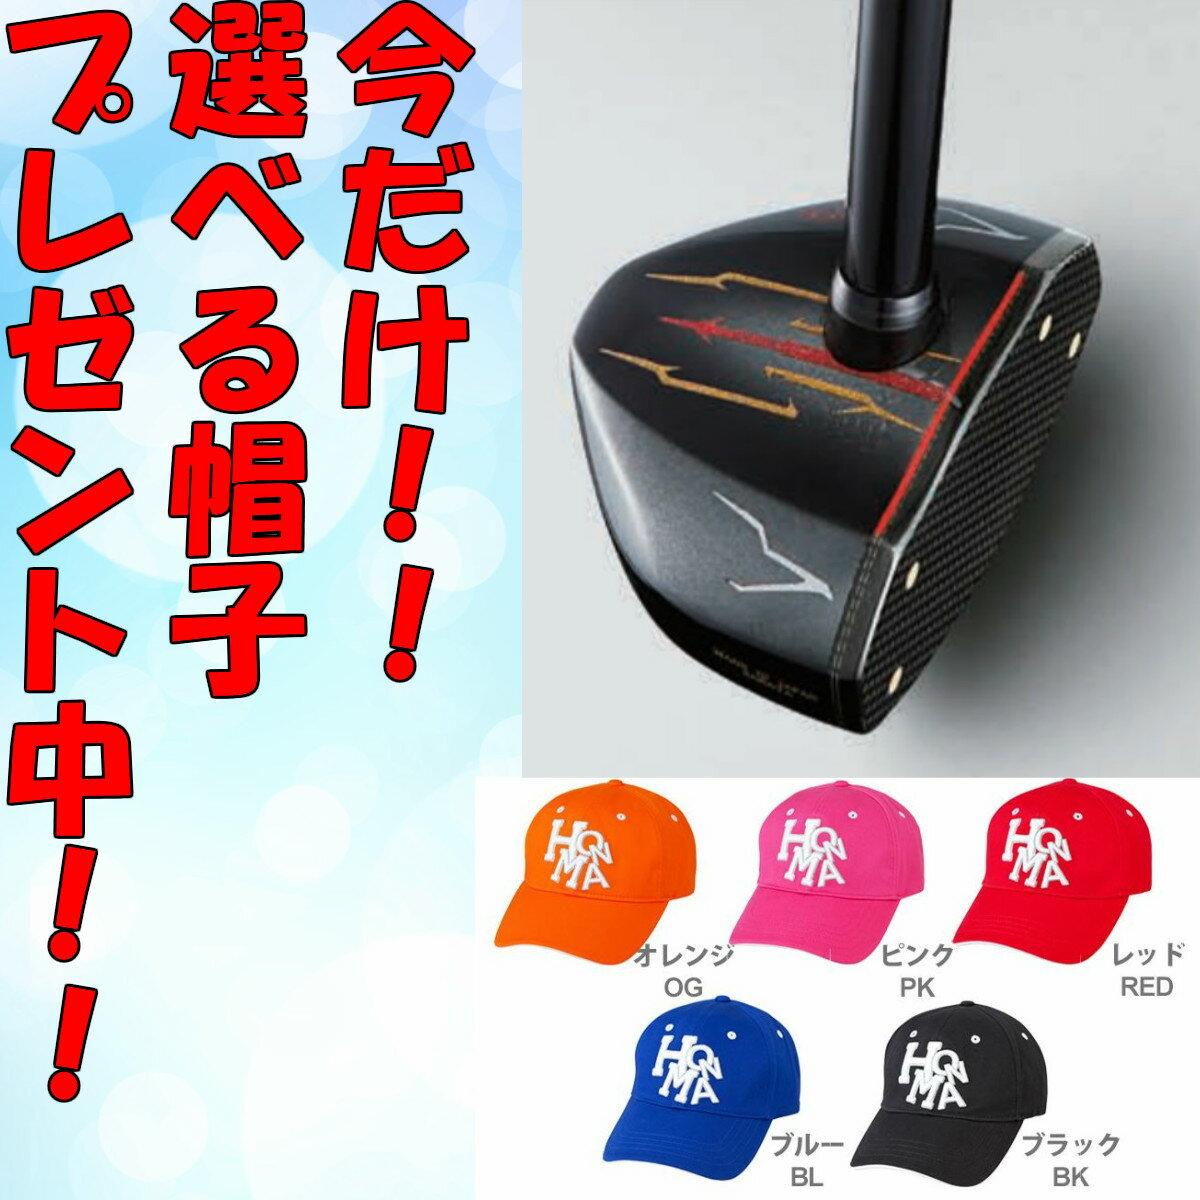 【今なら帽子プレゼント!】【平成最後令和】 HONMA V-02s ホンマ パークゴルフ クラブ